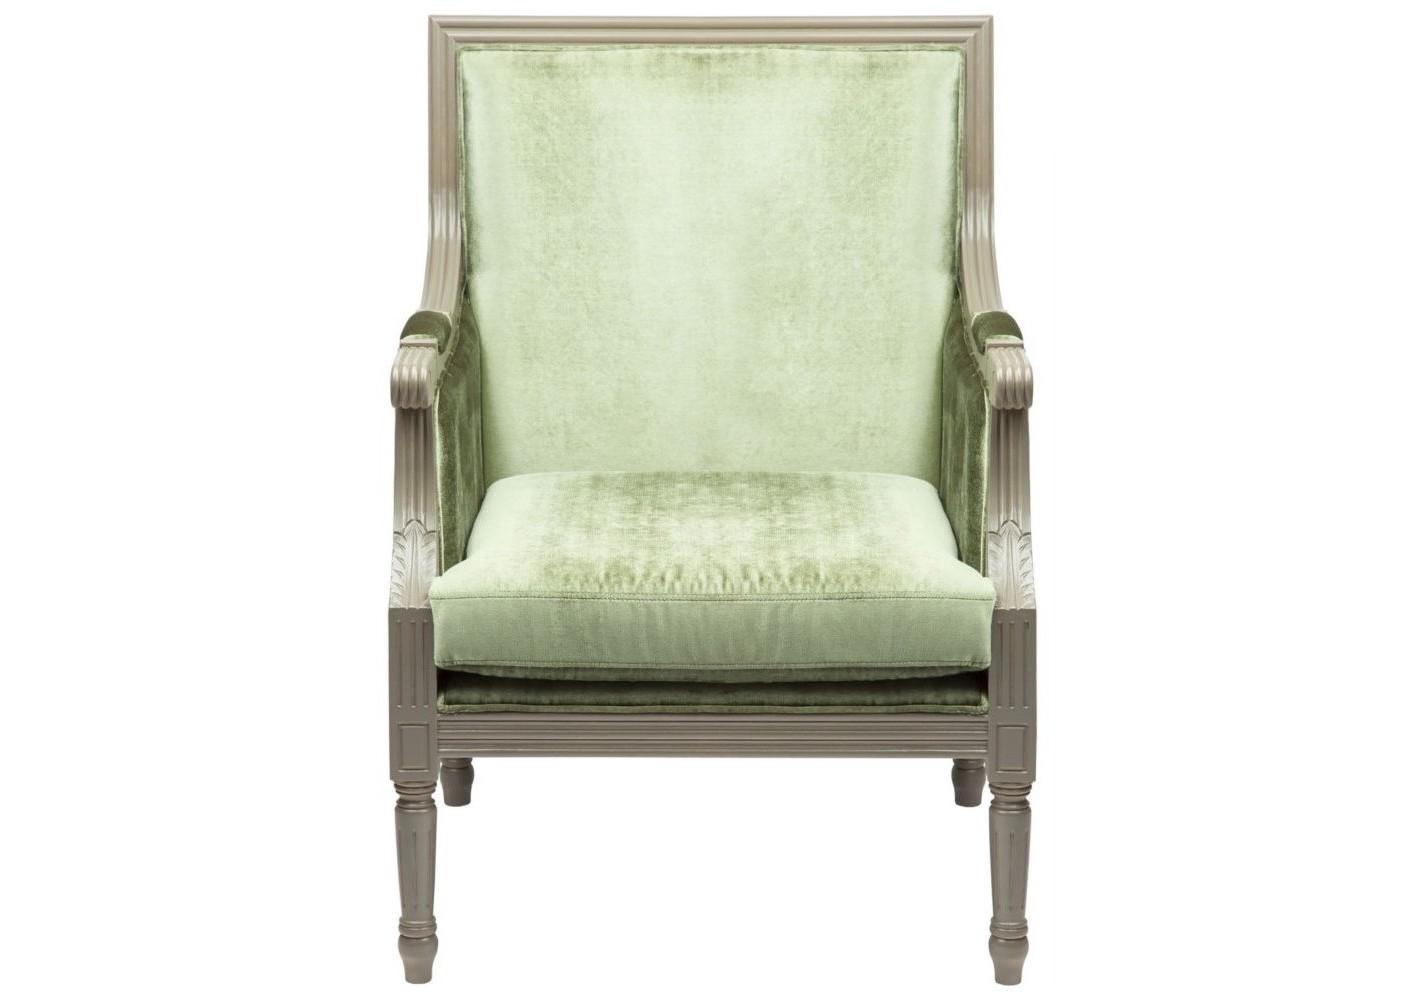 КреслоИнтерьерные кресла<br><br><br>Material: Дерево<br>Width см: 80<br>Depth см: 80<br>Height см: 97